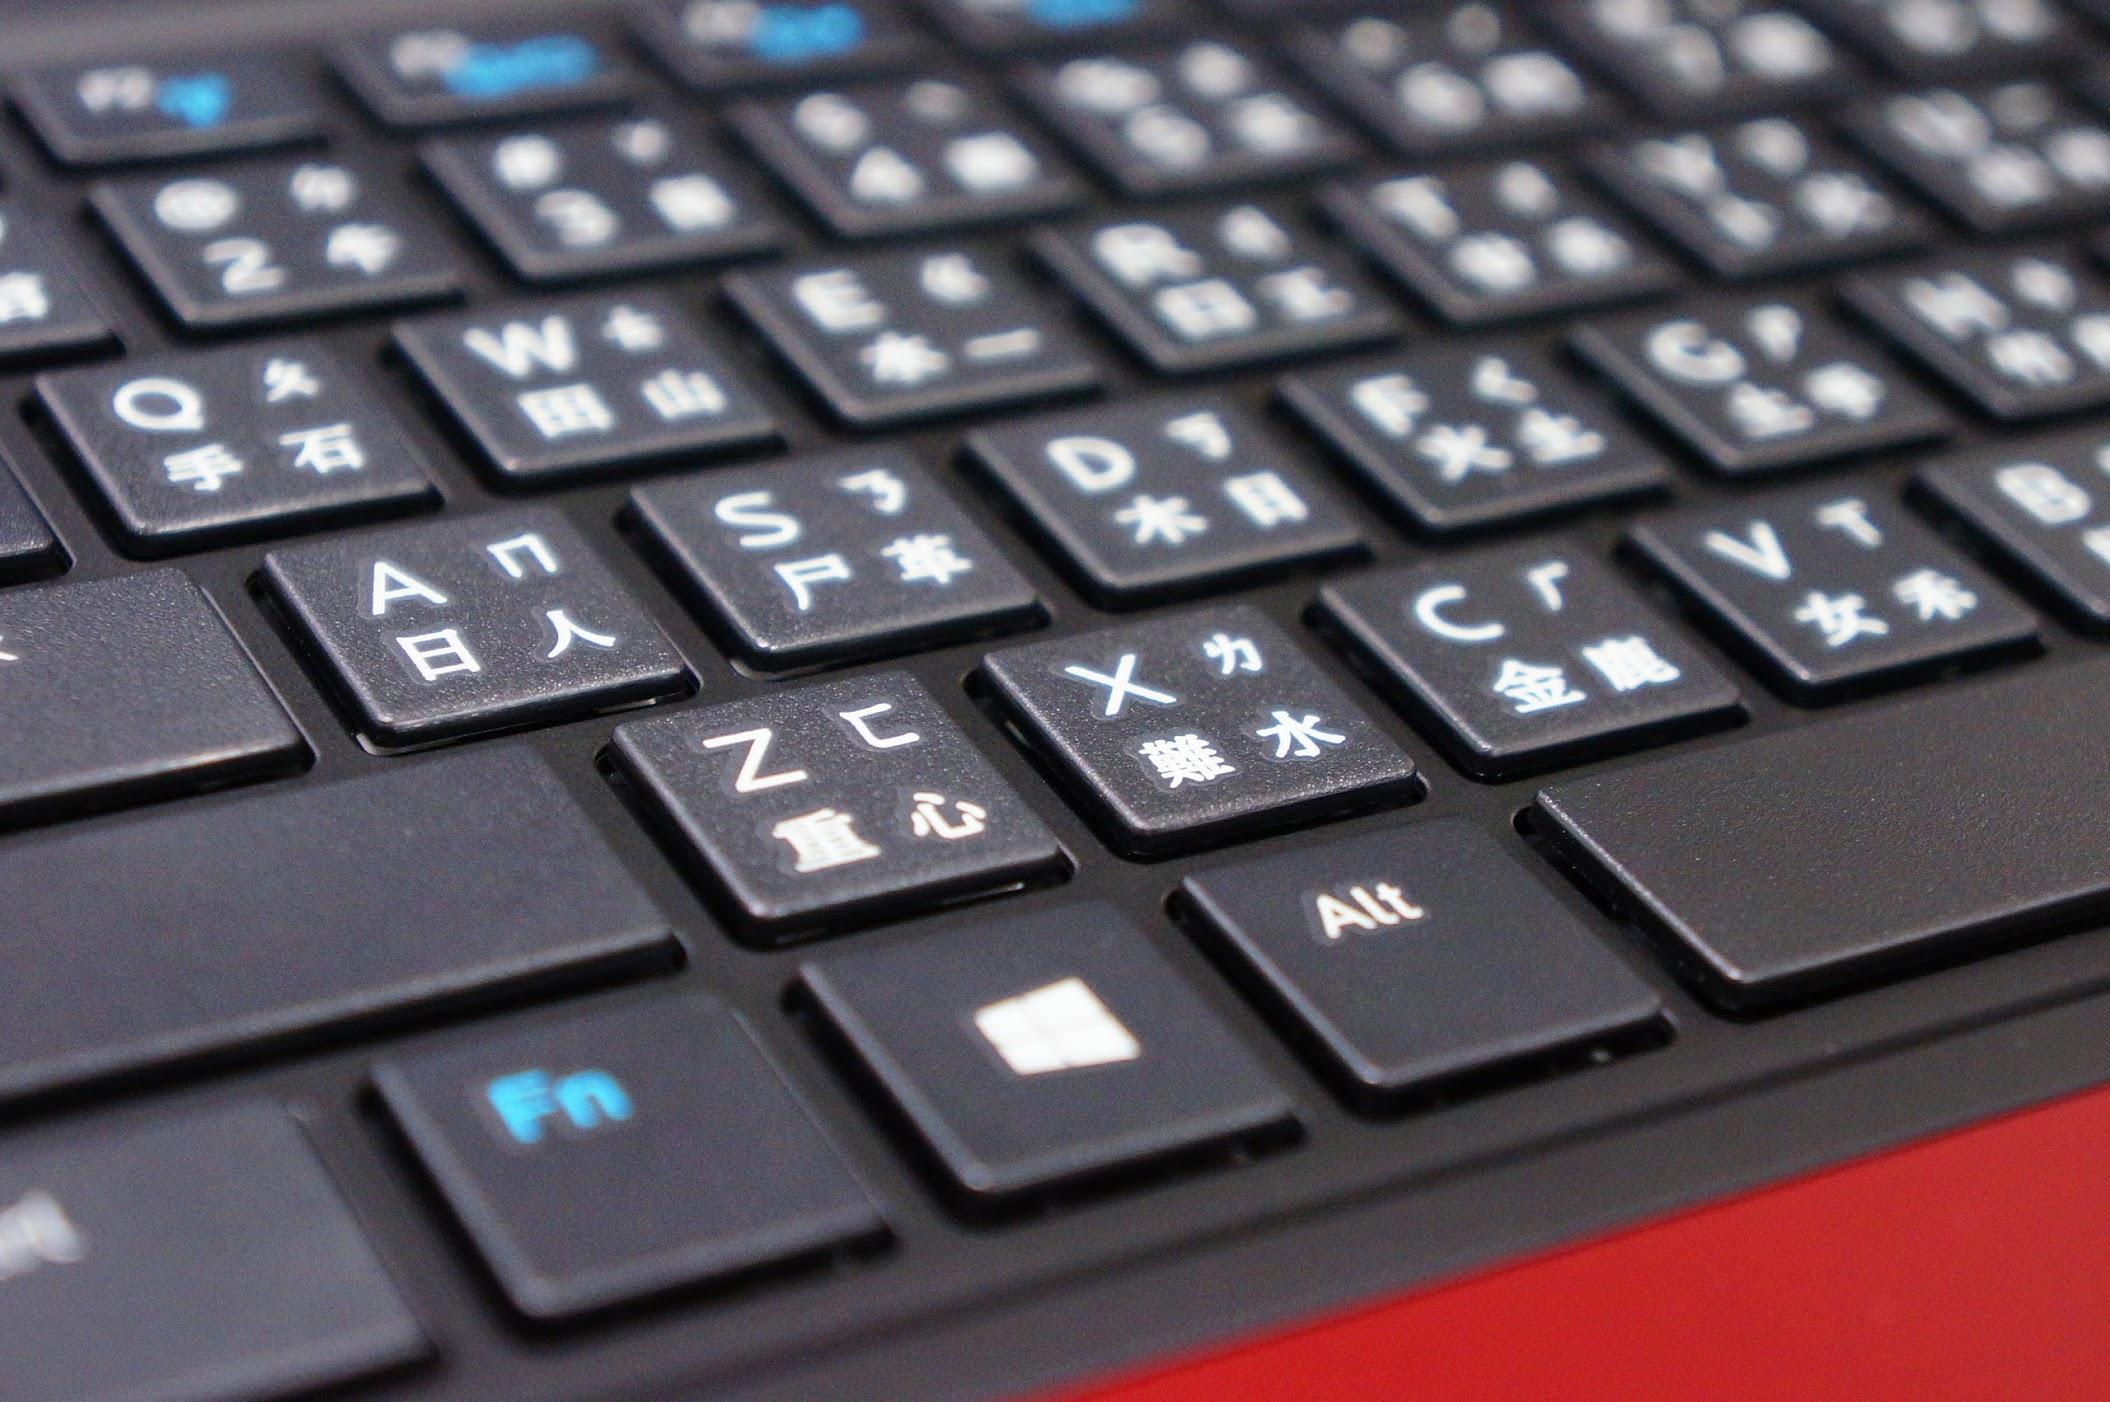 背光鍵盤(要開機才有背光)...回彈力感覺沒啥踏實感,可能打慣apple和cherry那種回彈力十足的鍵盤了